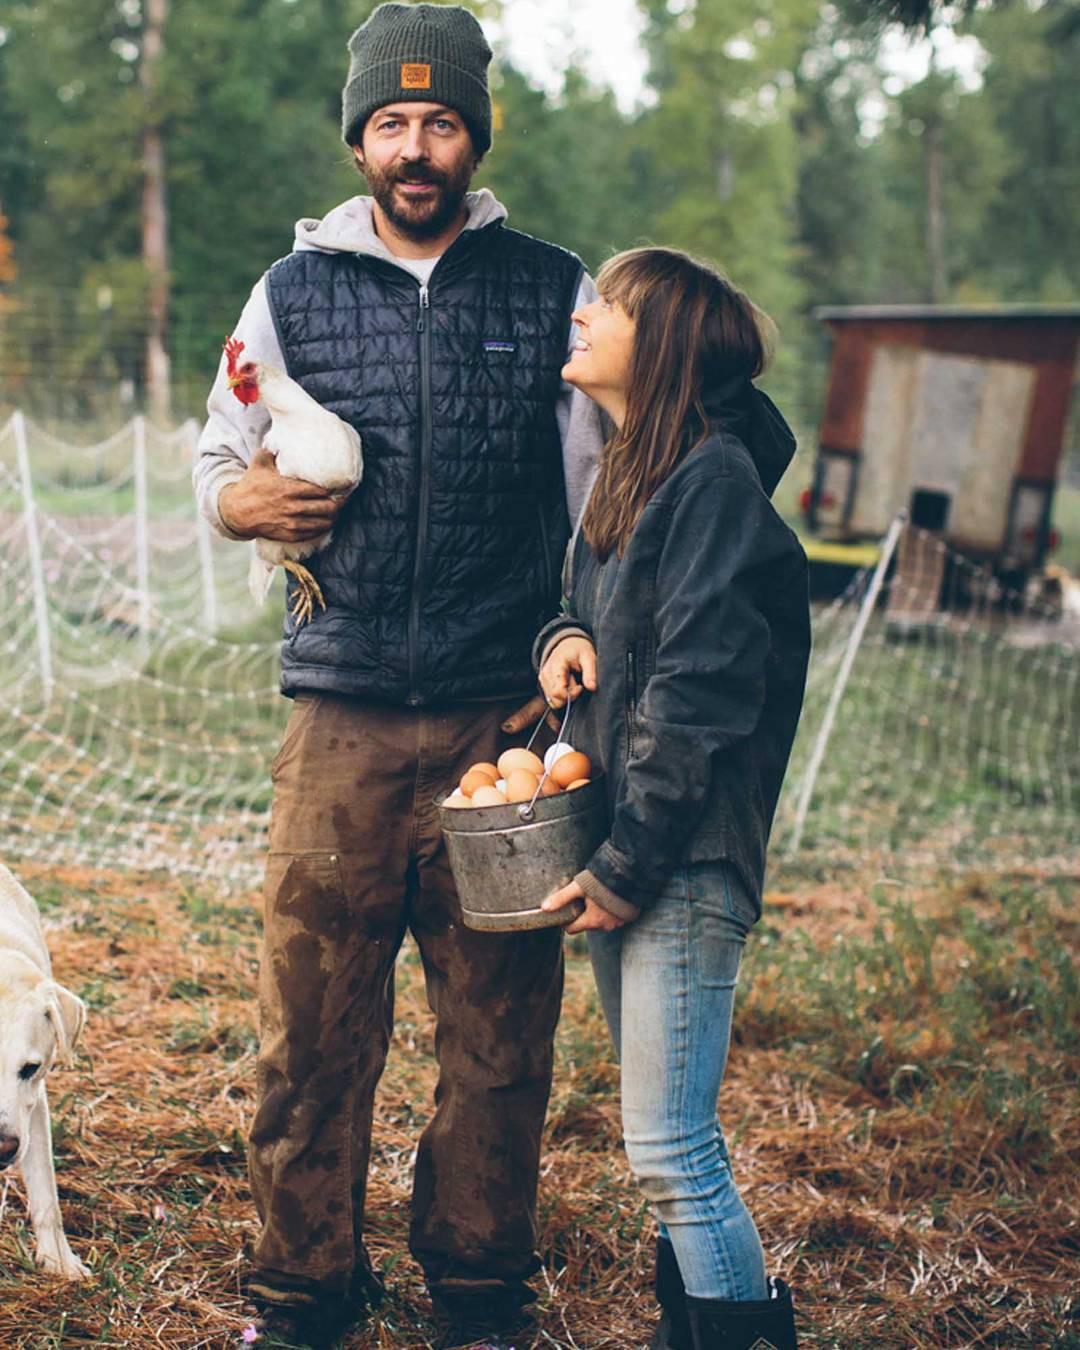 Trang trại toàn rau xanh, cây trái mát lành của cặp vợ chồng blogger ẩm thực thích sống chỉ để vui chơi khiến ai cũng ước ao, xao xuyến - Ảnh 13.